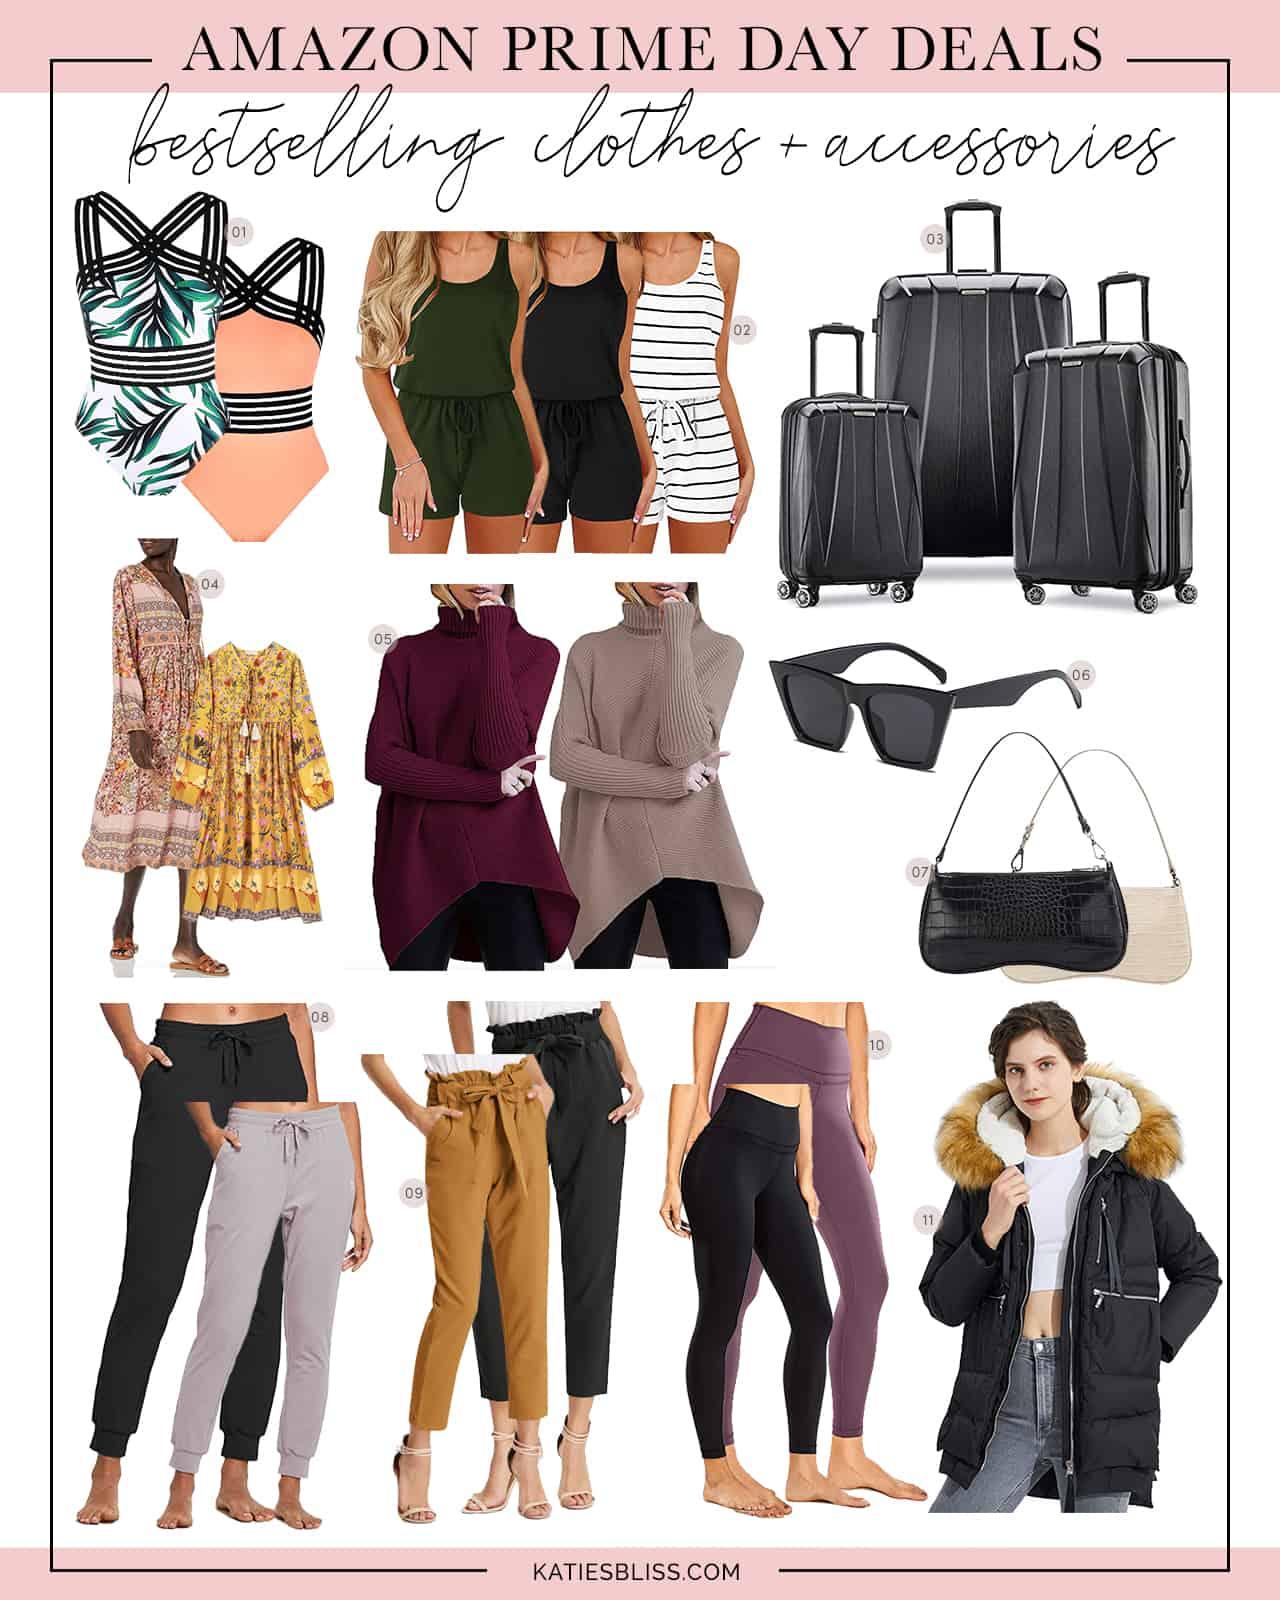 Amazon Prime Day 2021 Fashion & Accessory Picks